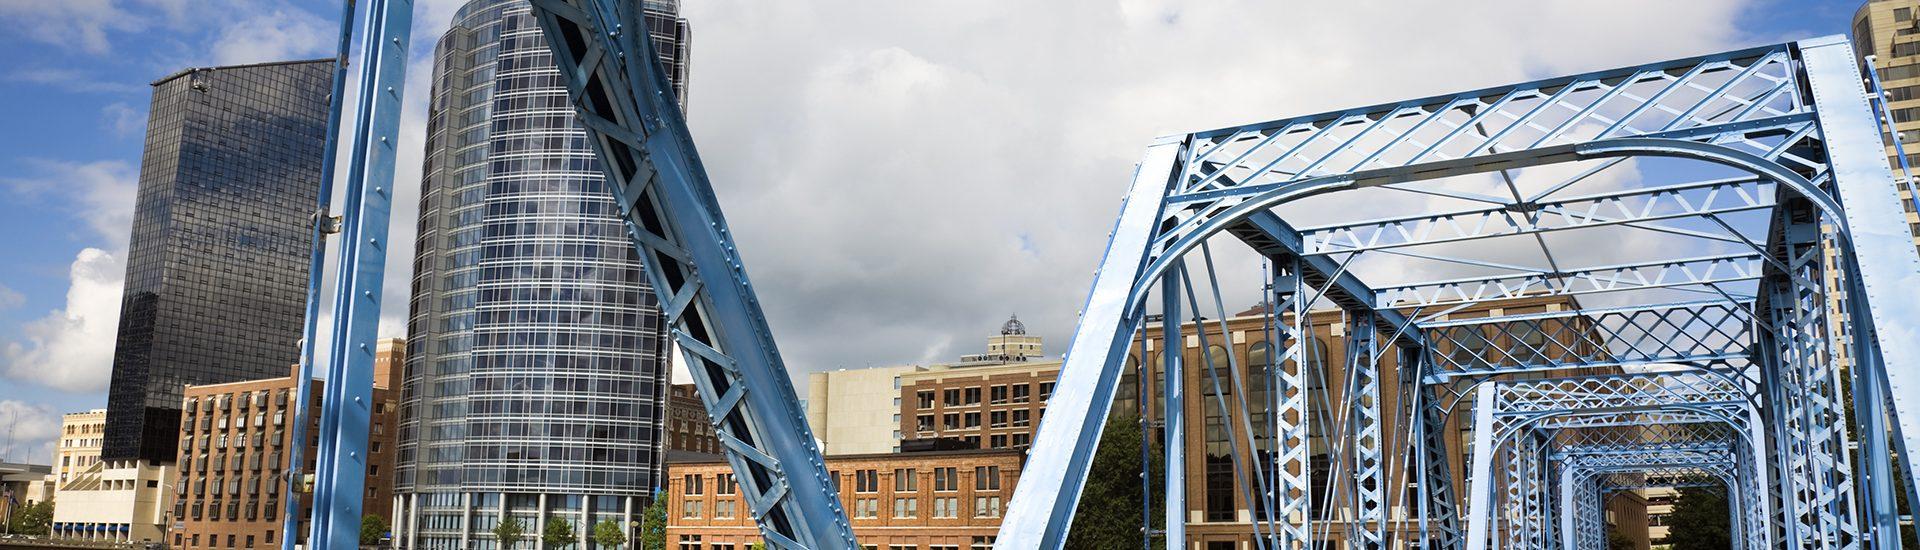 Blue bridge in Grand Rapids, Michigan, USA.